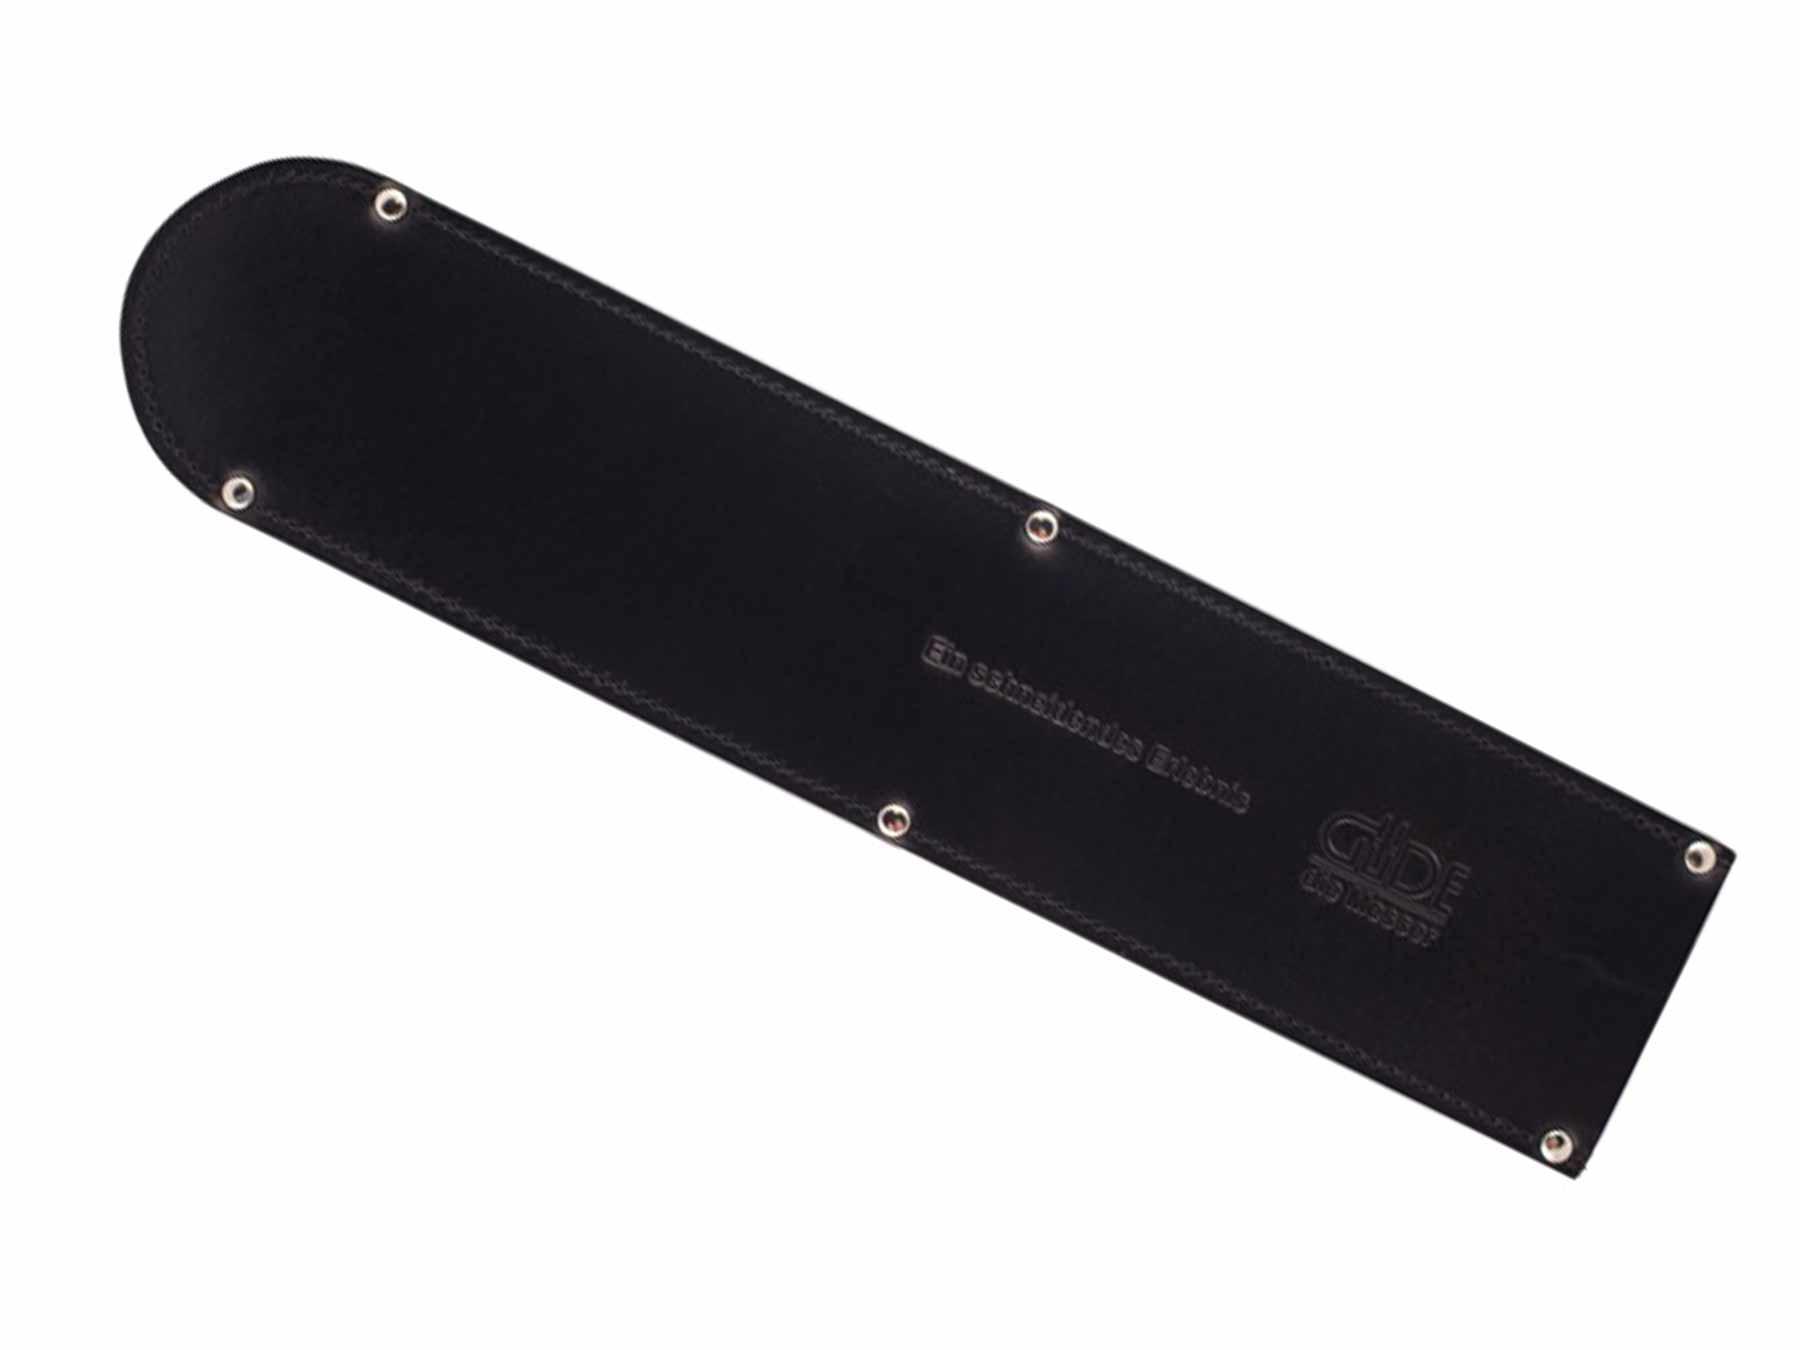 Güde Messerscheide 5200/32 aus Leder - 32 cm